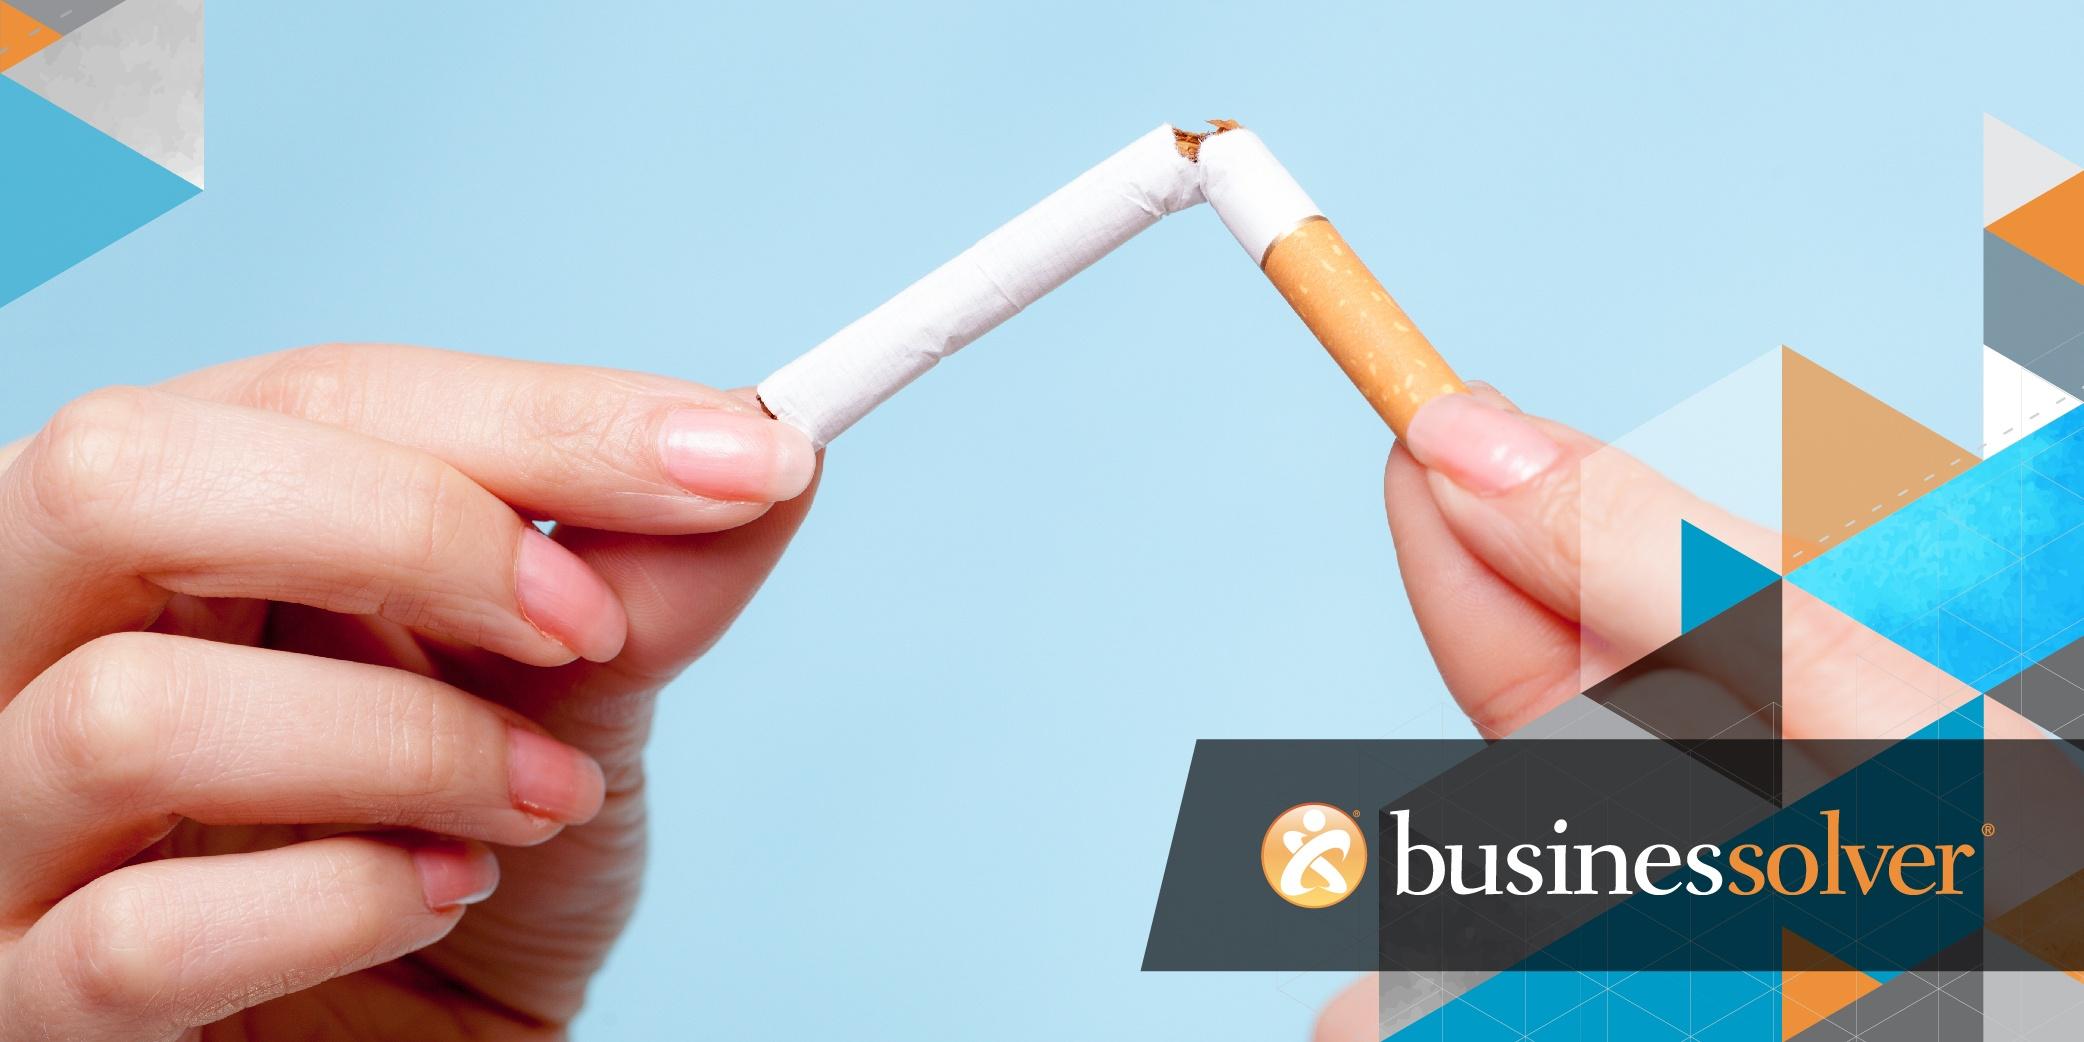 Smokeout Image